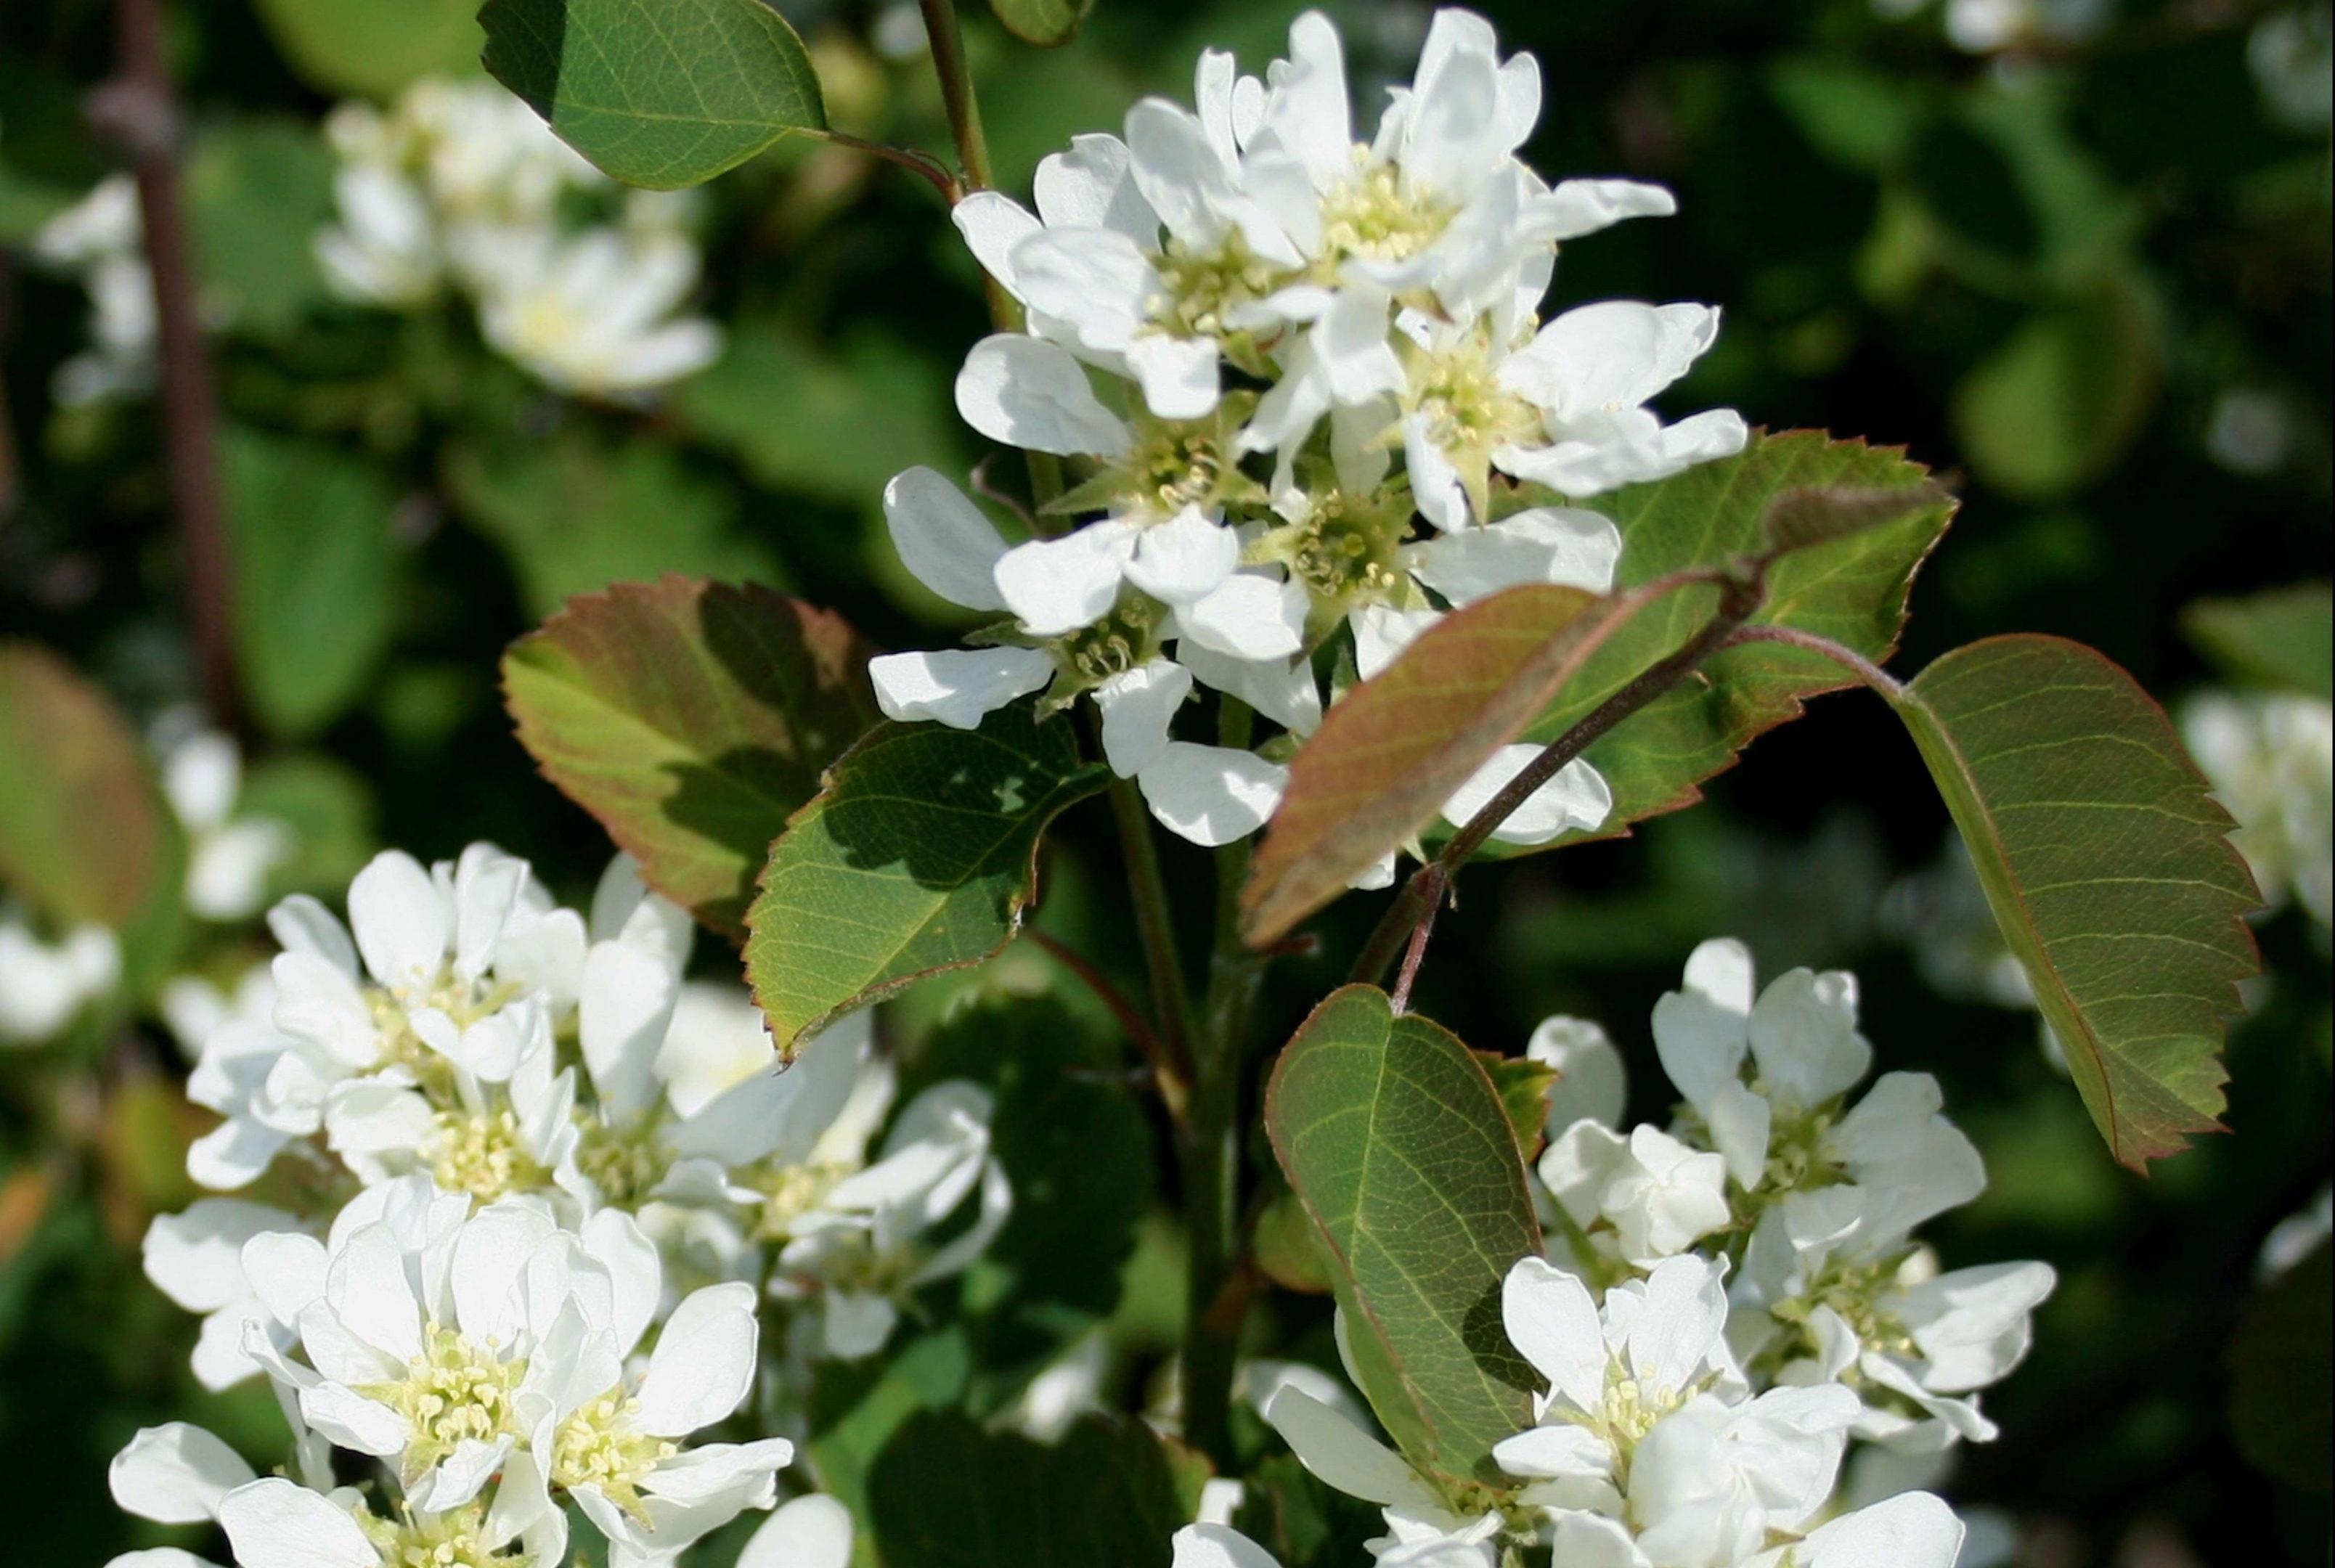 Saskatoons blossom